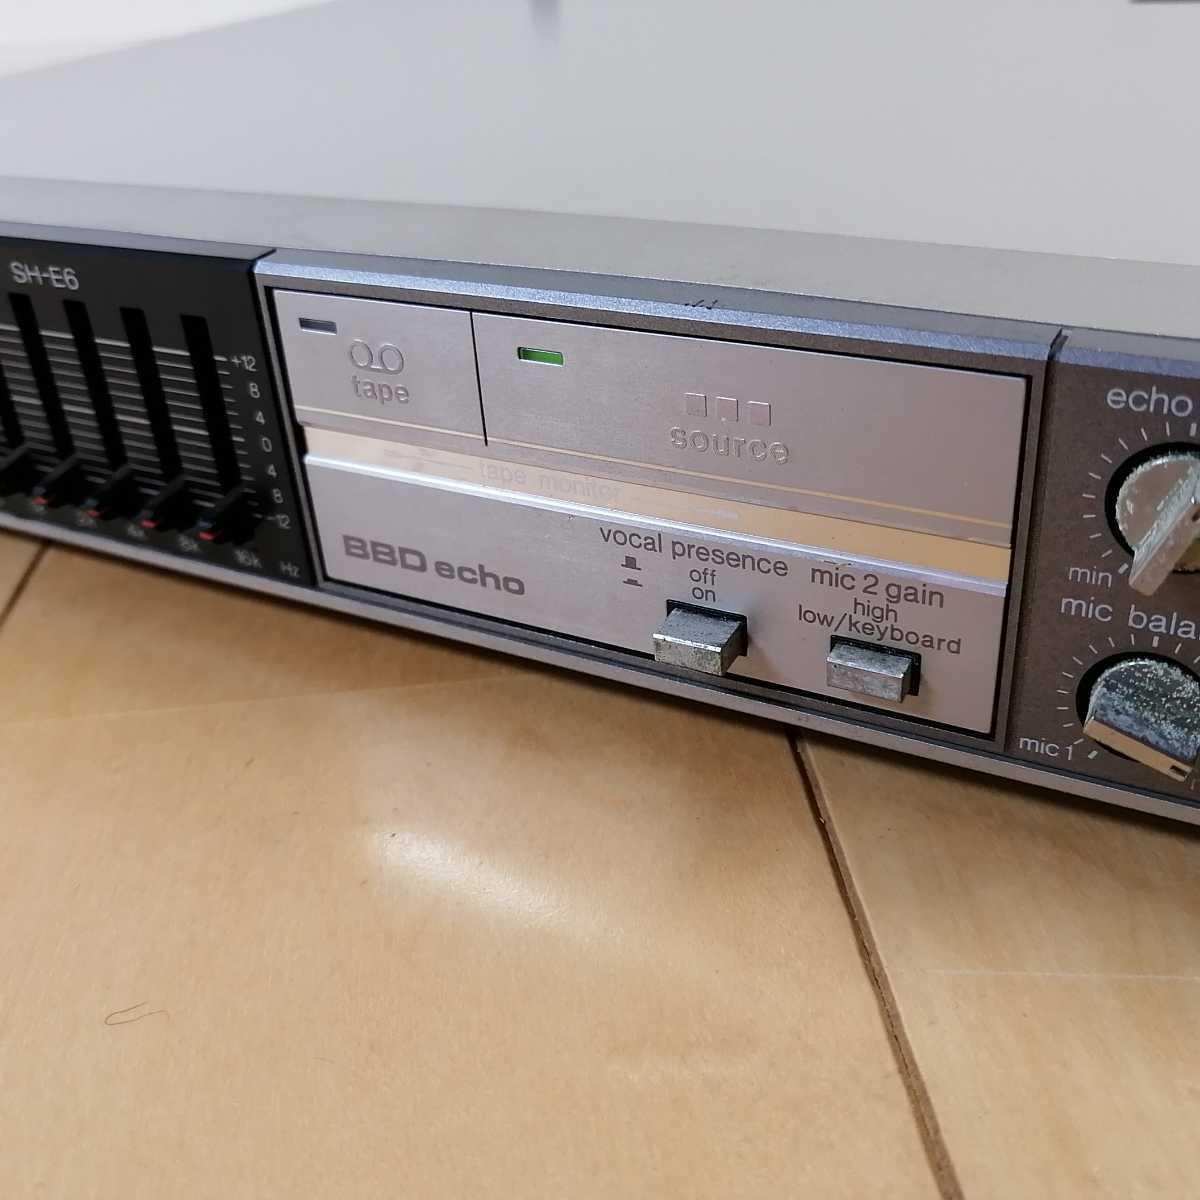 美品!! Technics テクニクス ステレオグラフィックイコライザー SH-E6 通電確認済!!_画像10